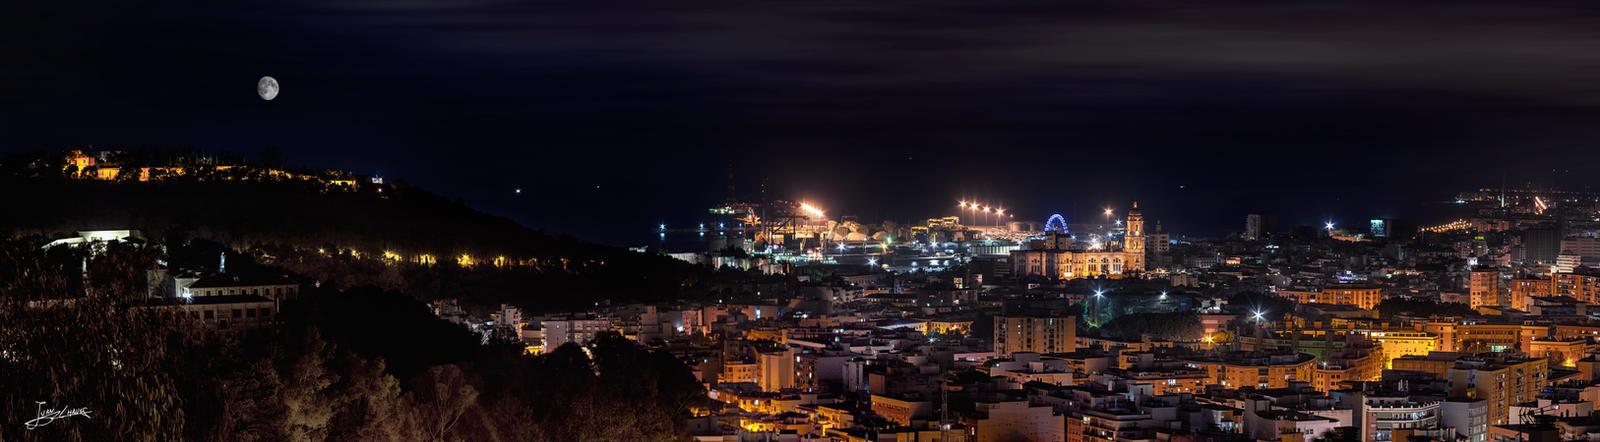 Malaga desde la urbanizacion de Monte Dorado by JuanChaves